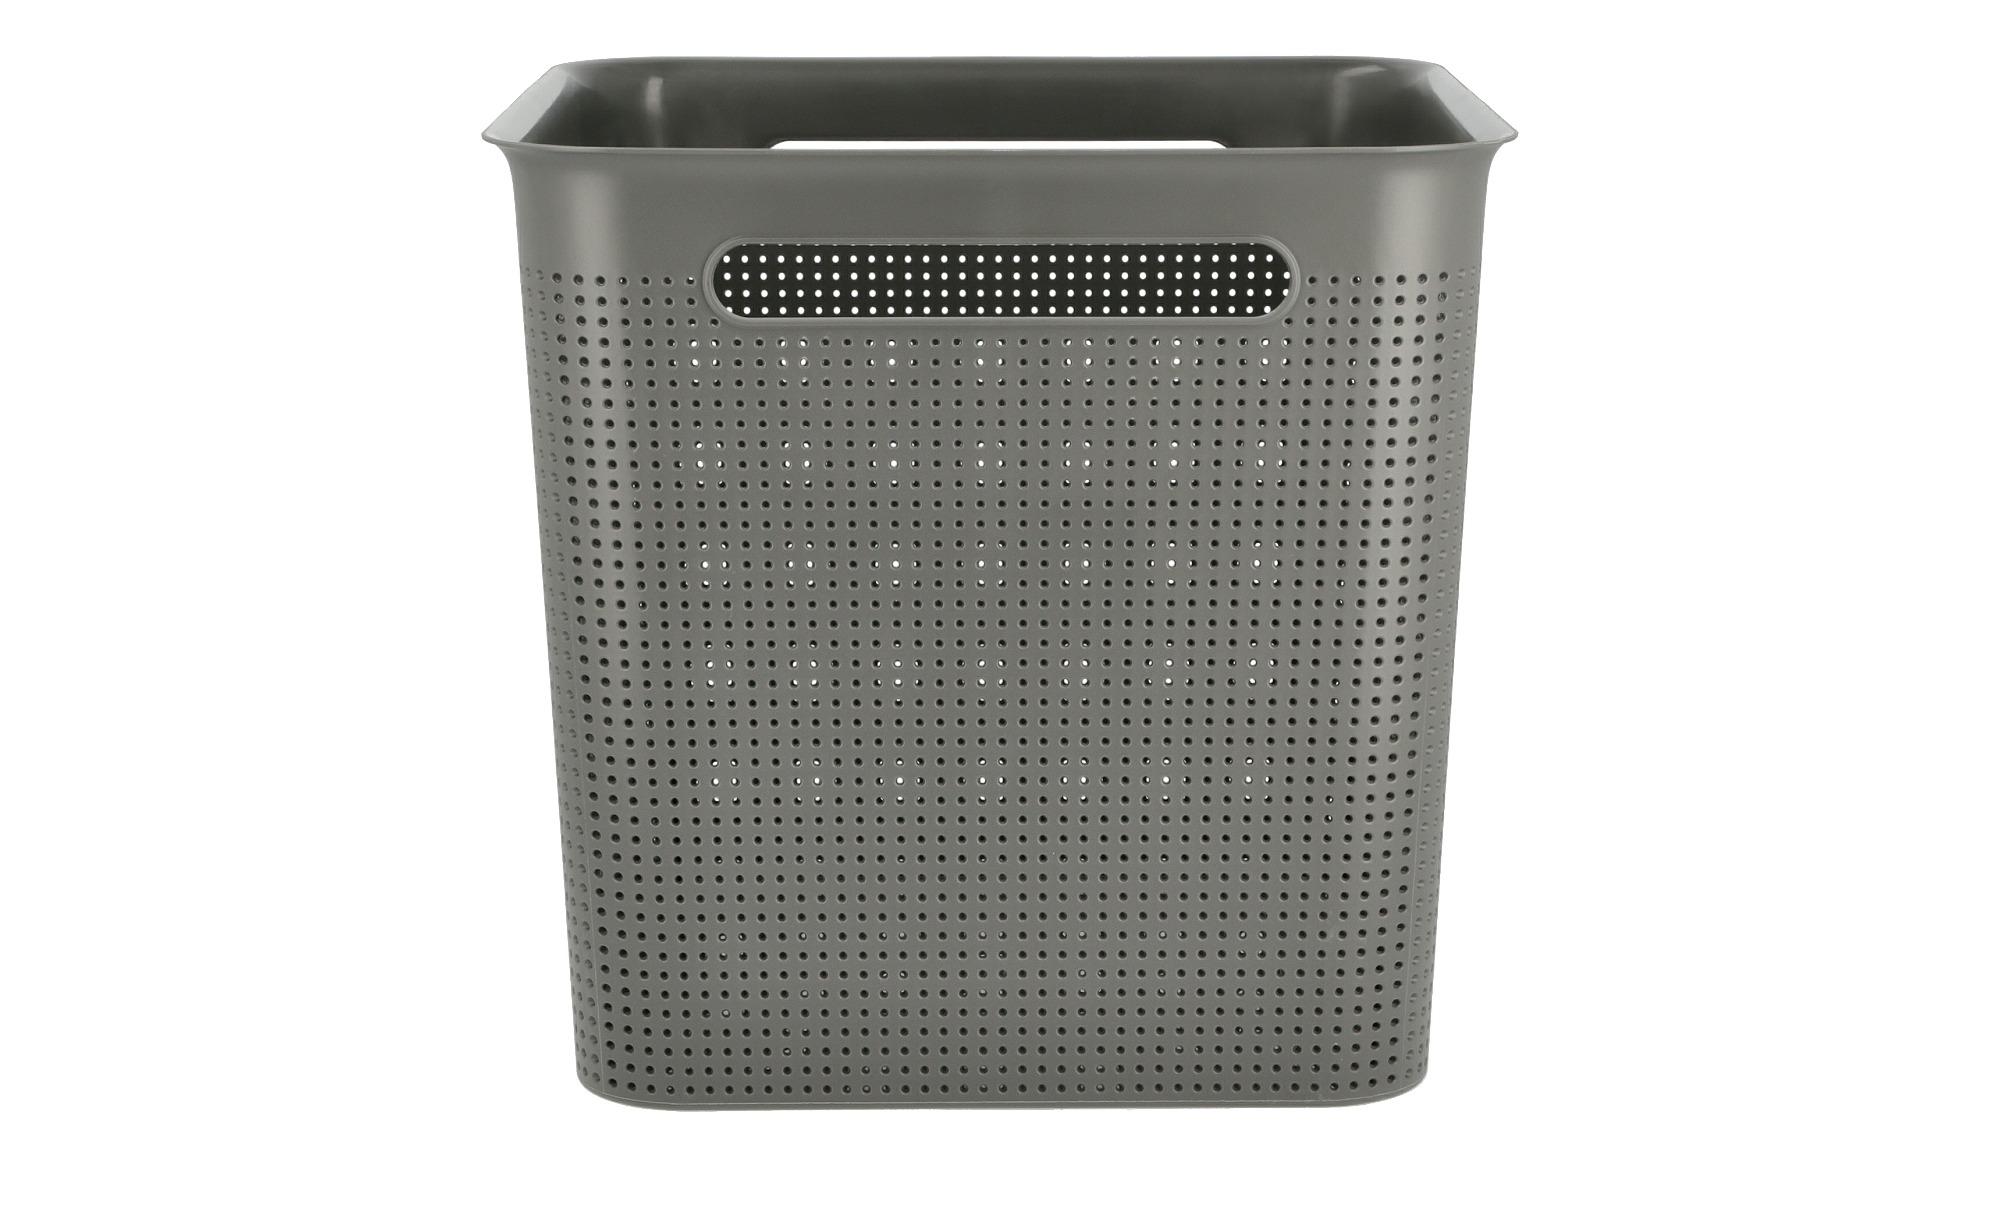 Rotho Aufbewahrungsbox - grau - Kunststoff - 29 cm - 28 cm - 29 cm - Sconto | Dekoration > Aufbewahrung und Ordnung > Korbwaren | Rotho